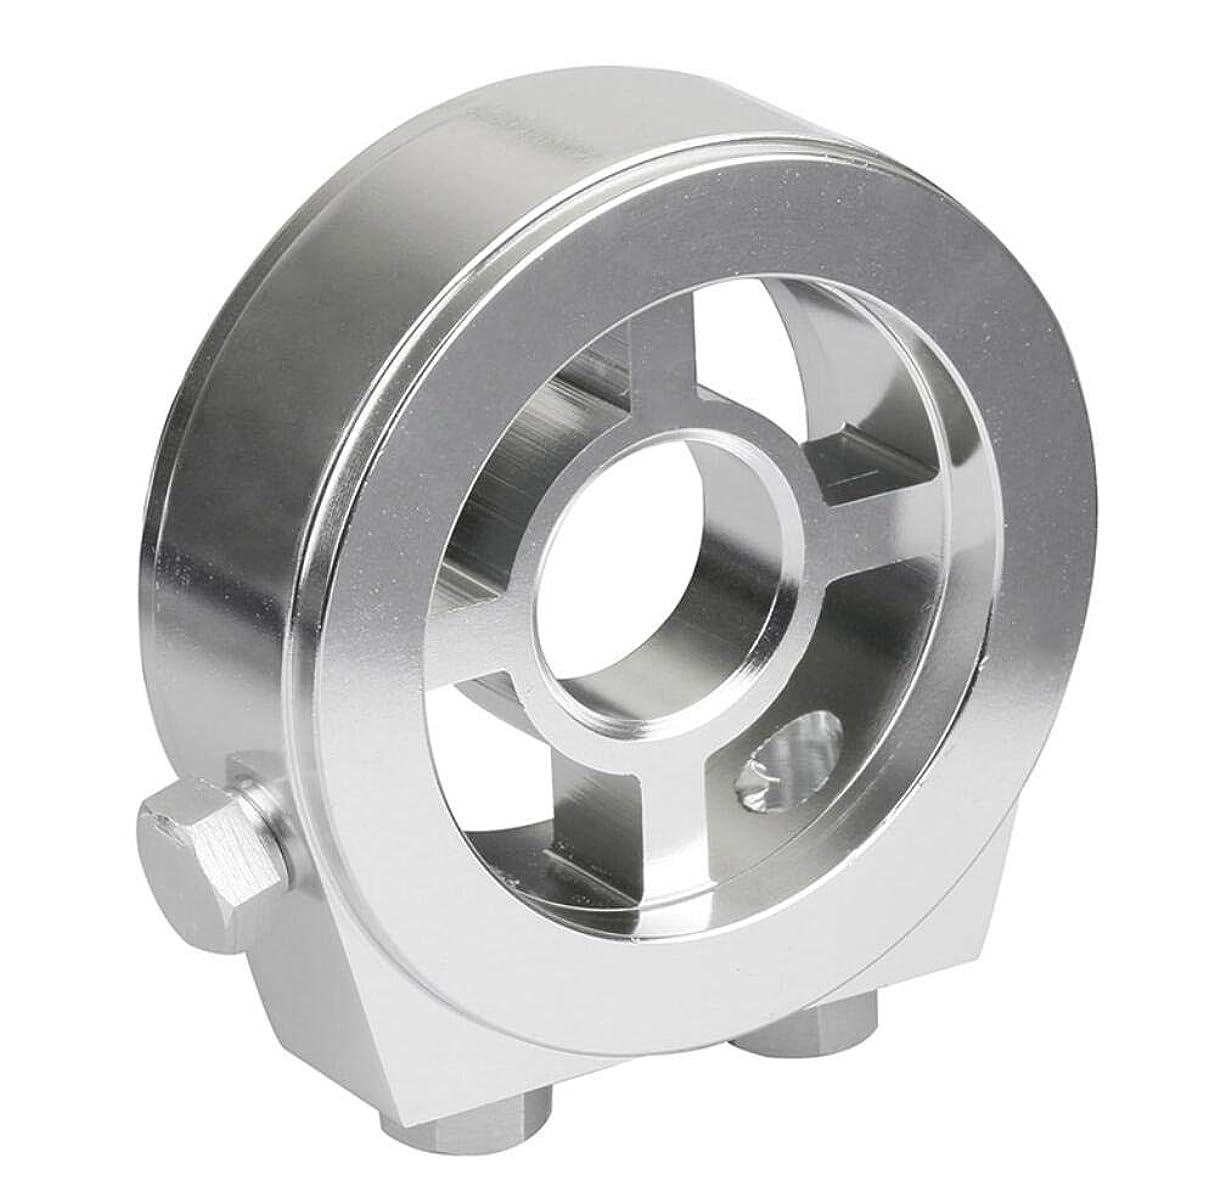 ペダル有望ずらすユニバーサルアルミ油圧温度ゲージフィルターサンドイッチ冷却システムキット4ボルト車クーラープレートアダプター,Silver